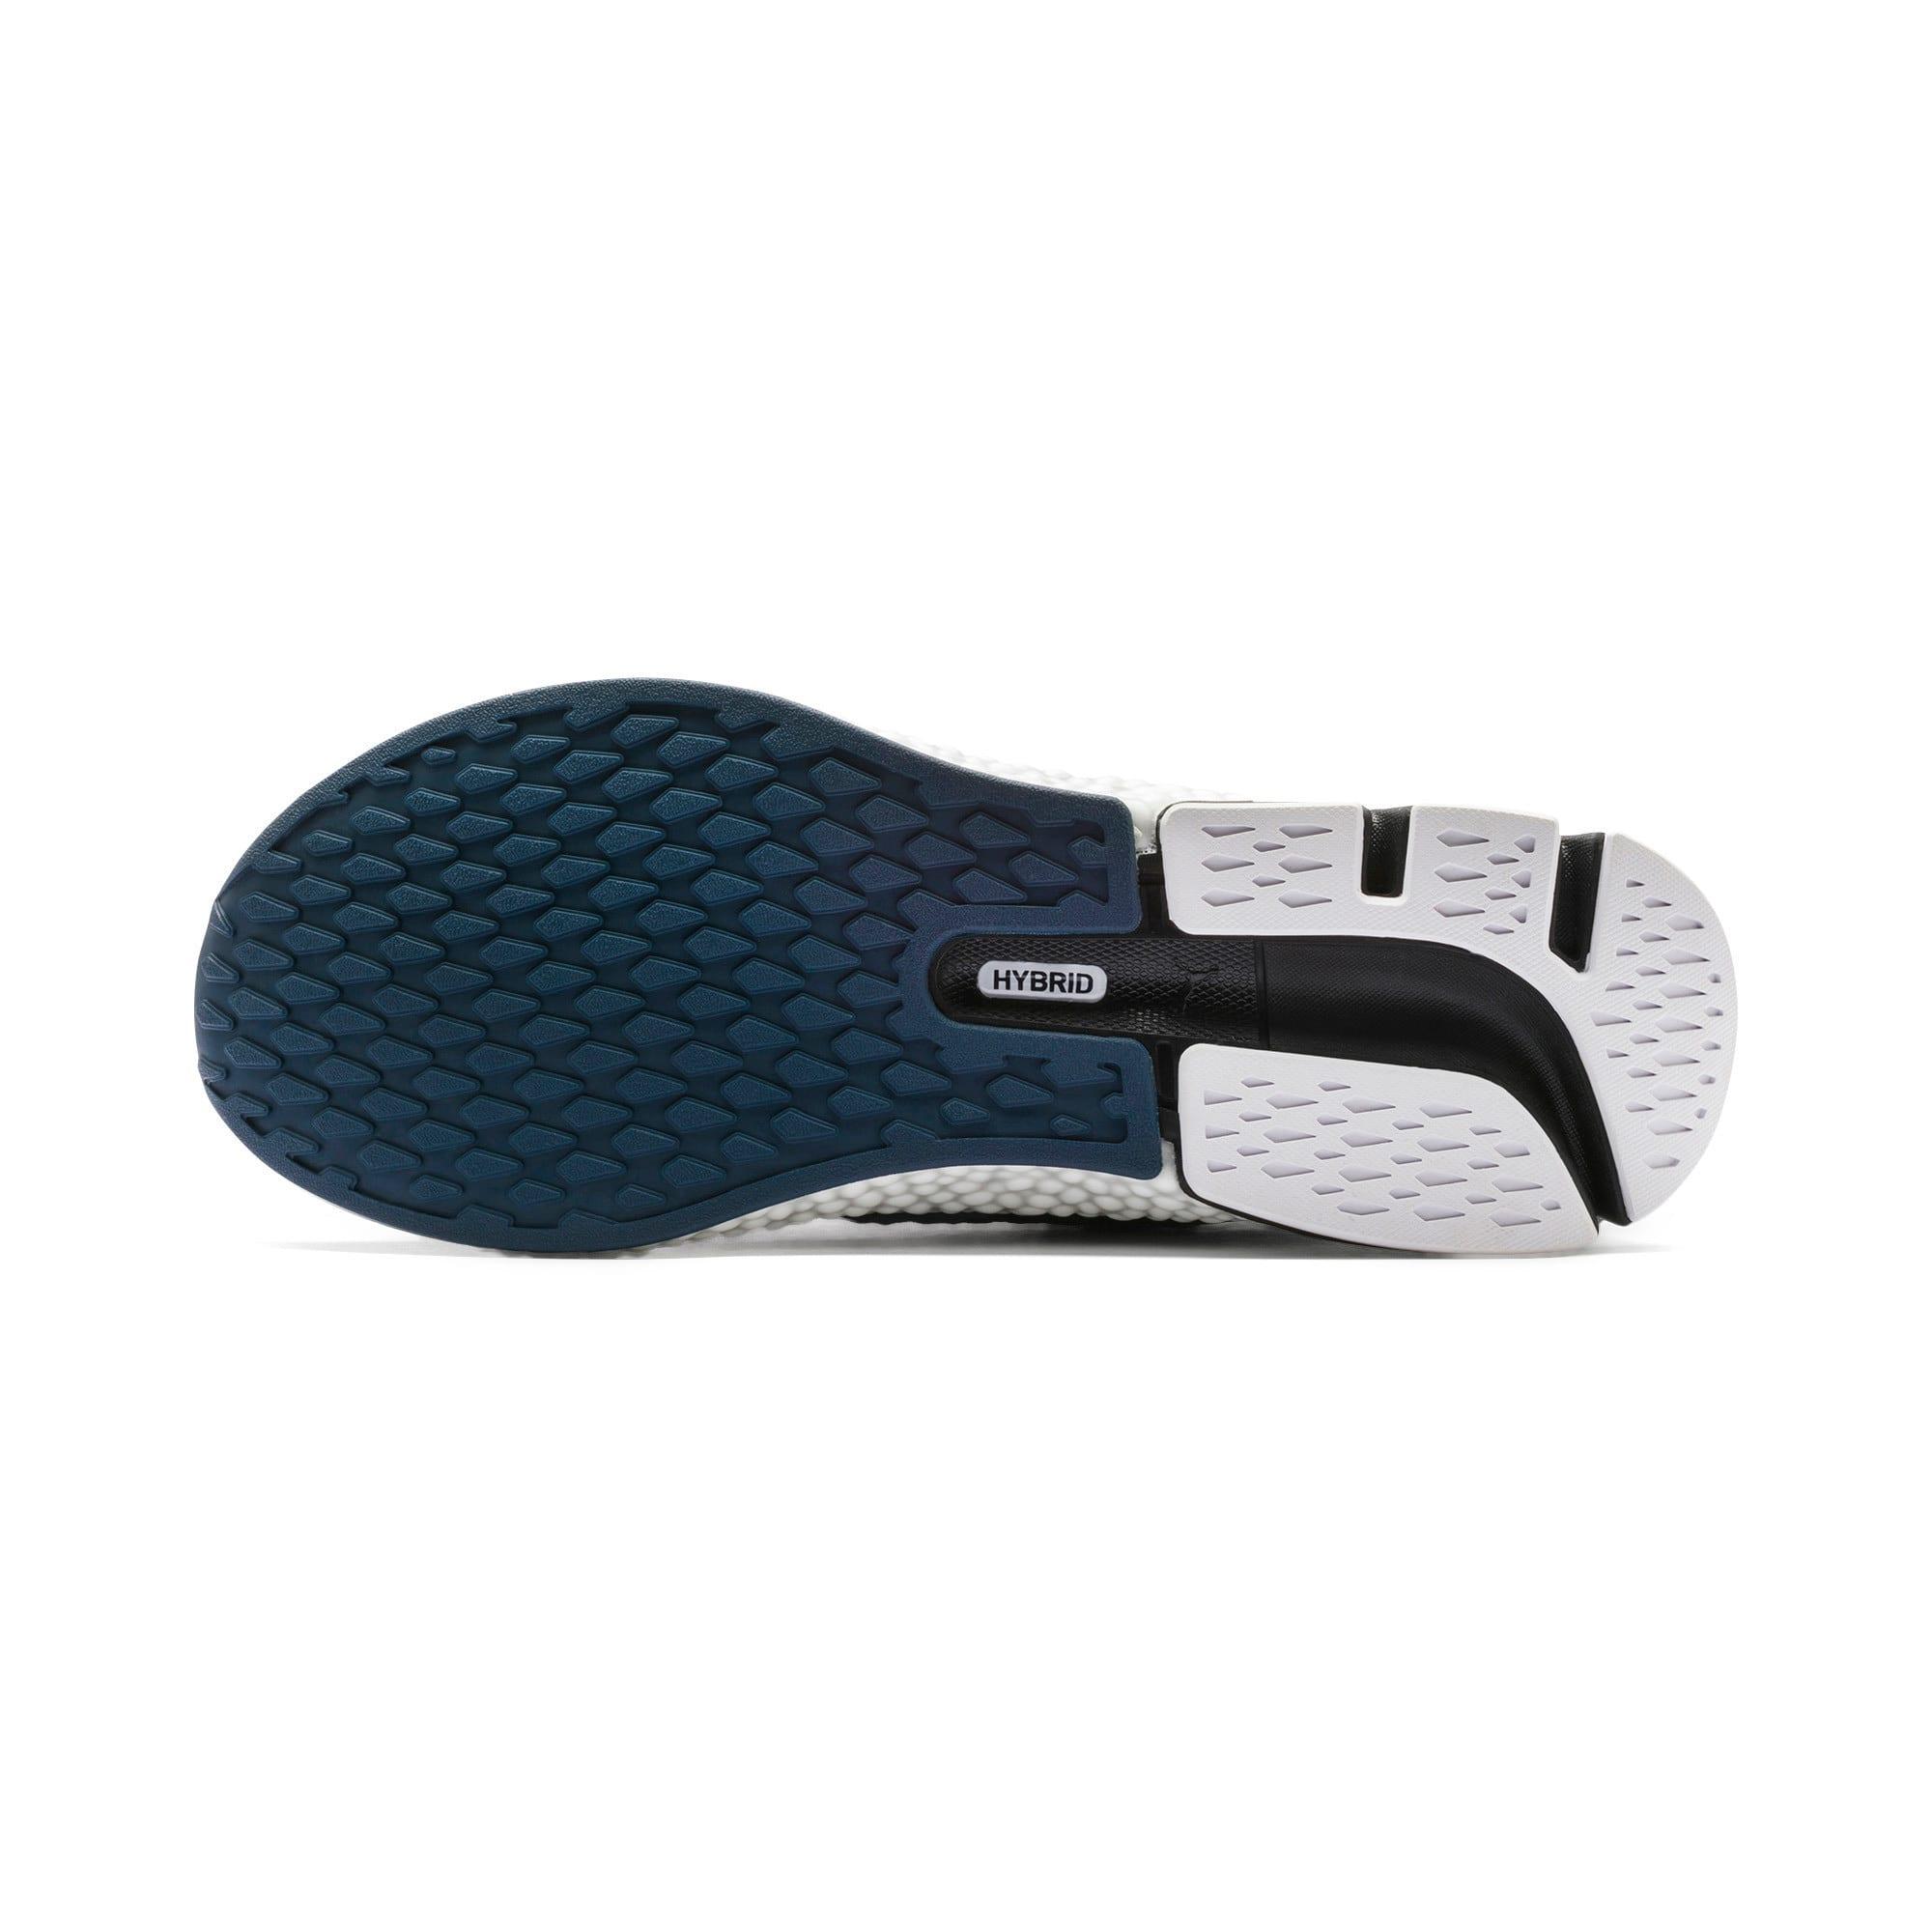 Thumbnail 4 of HYBRID Astro Men's Running Shoes, Black-Gibraltr Sea-Jaffa Org, medium